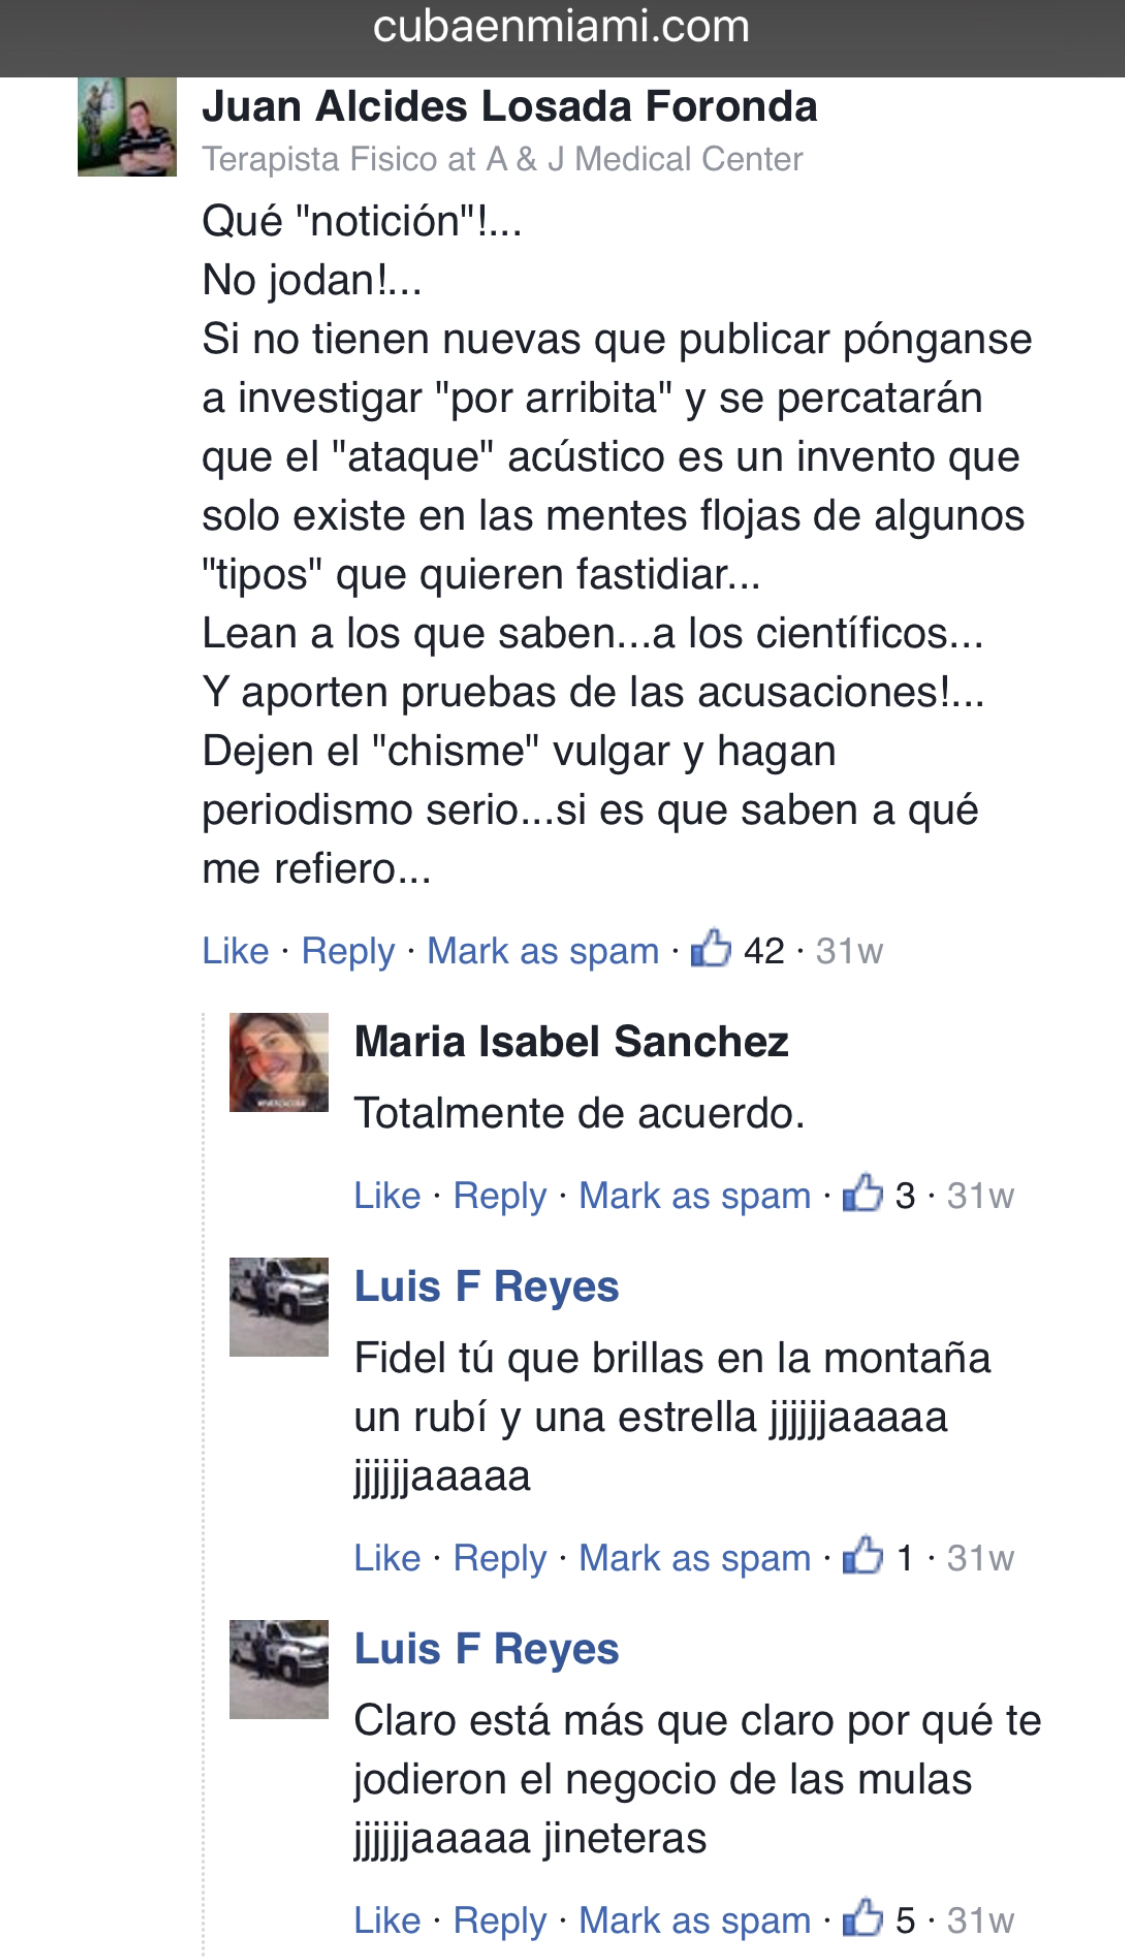 Juan Alcides Losada